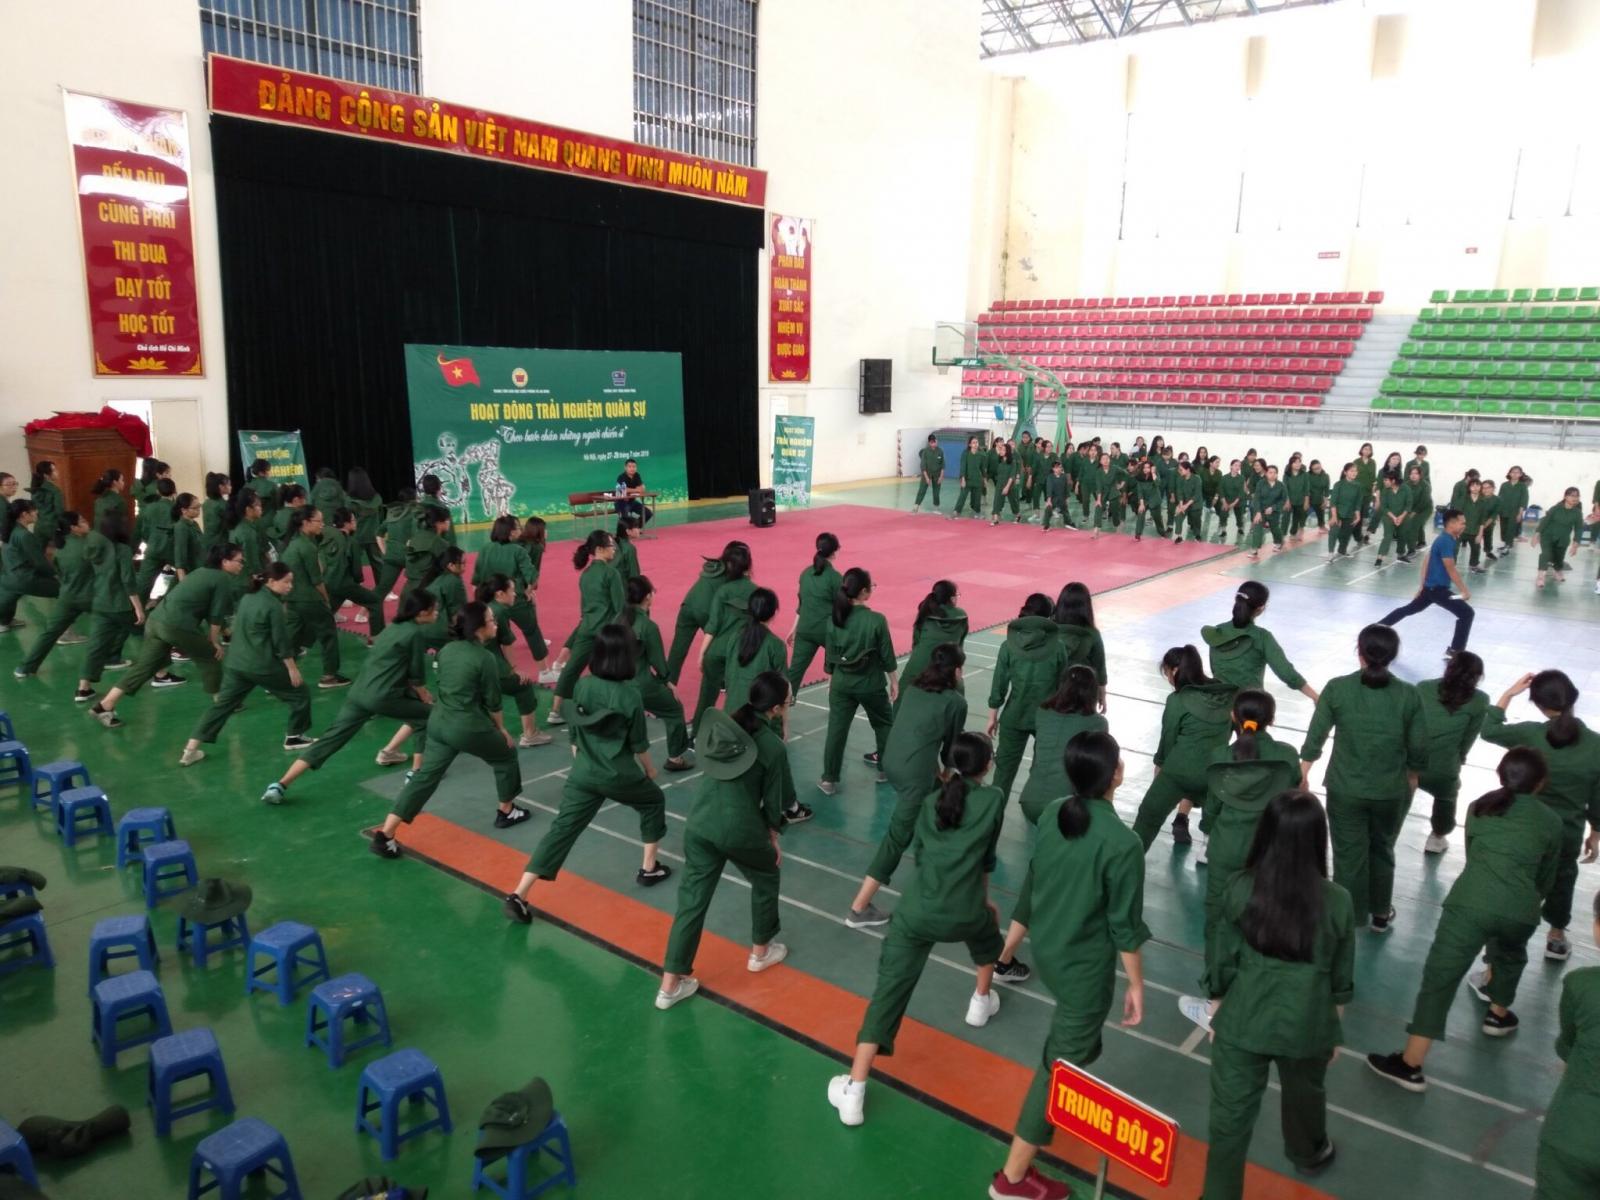 Hoạt động kĩ năng sống của học sinh trường THPT Trần Nhân Tông